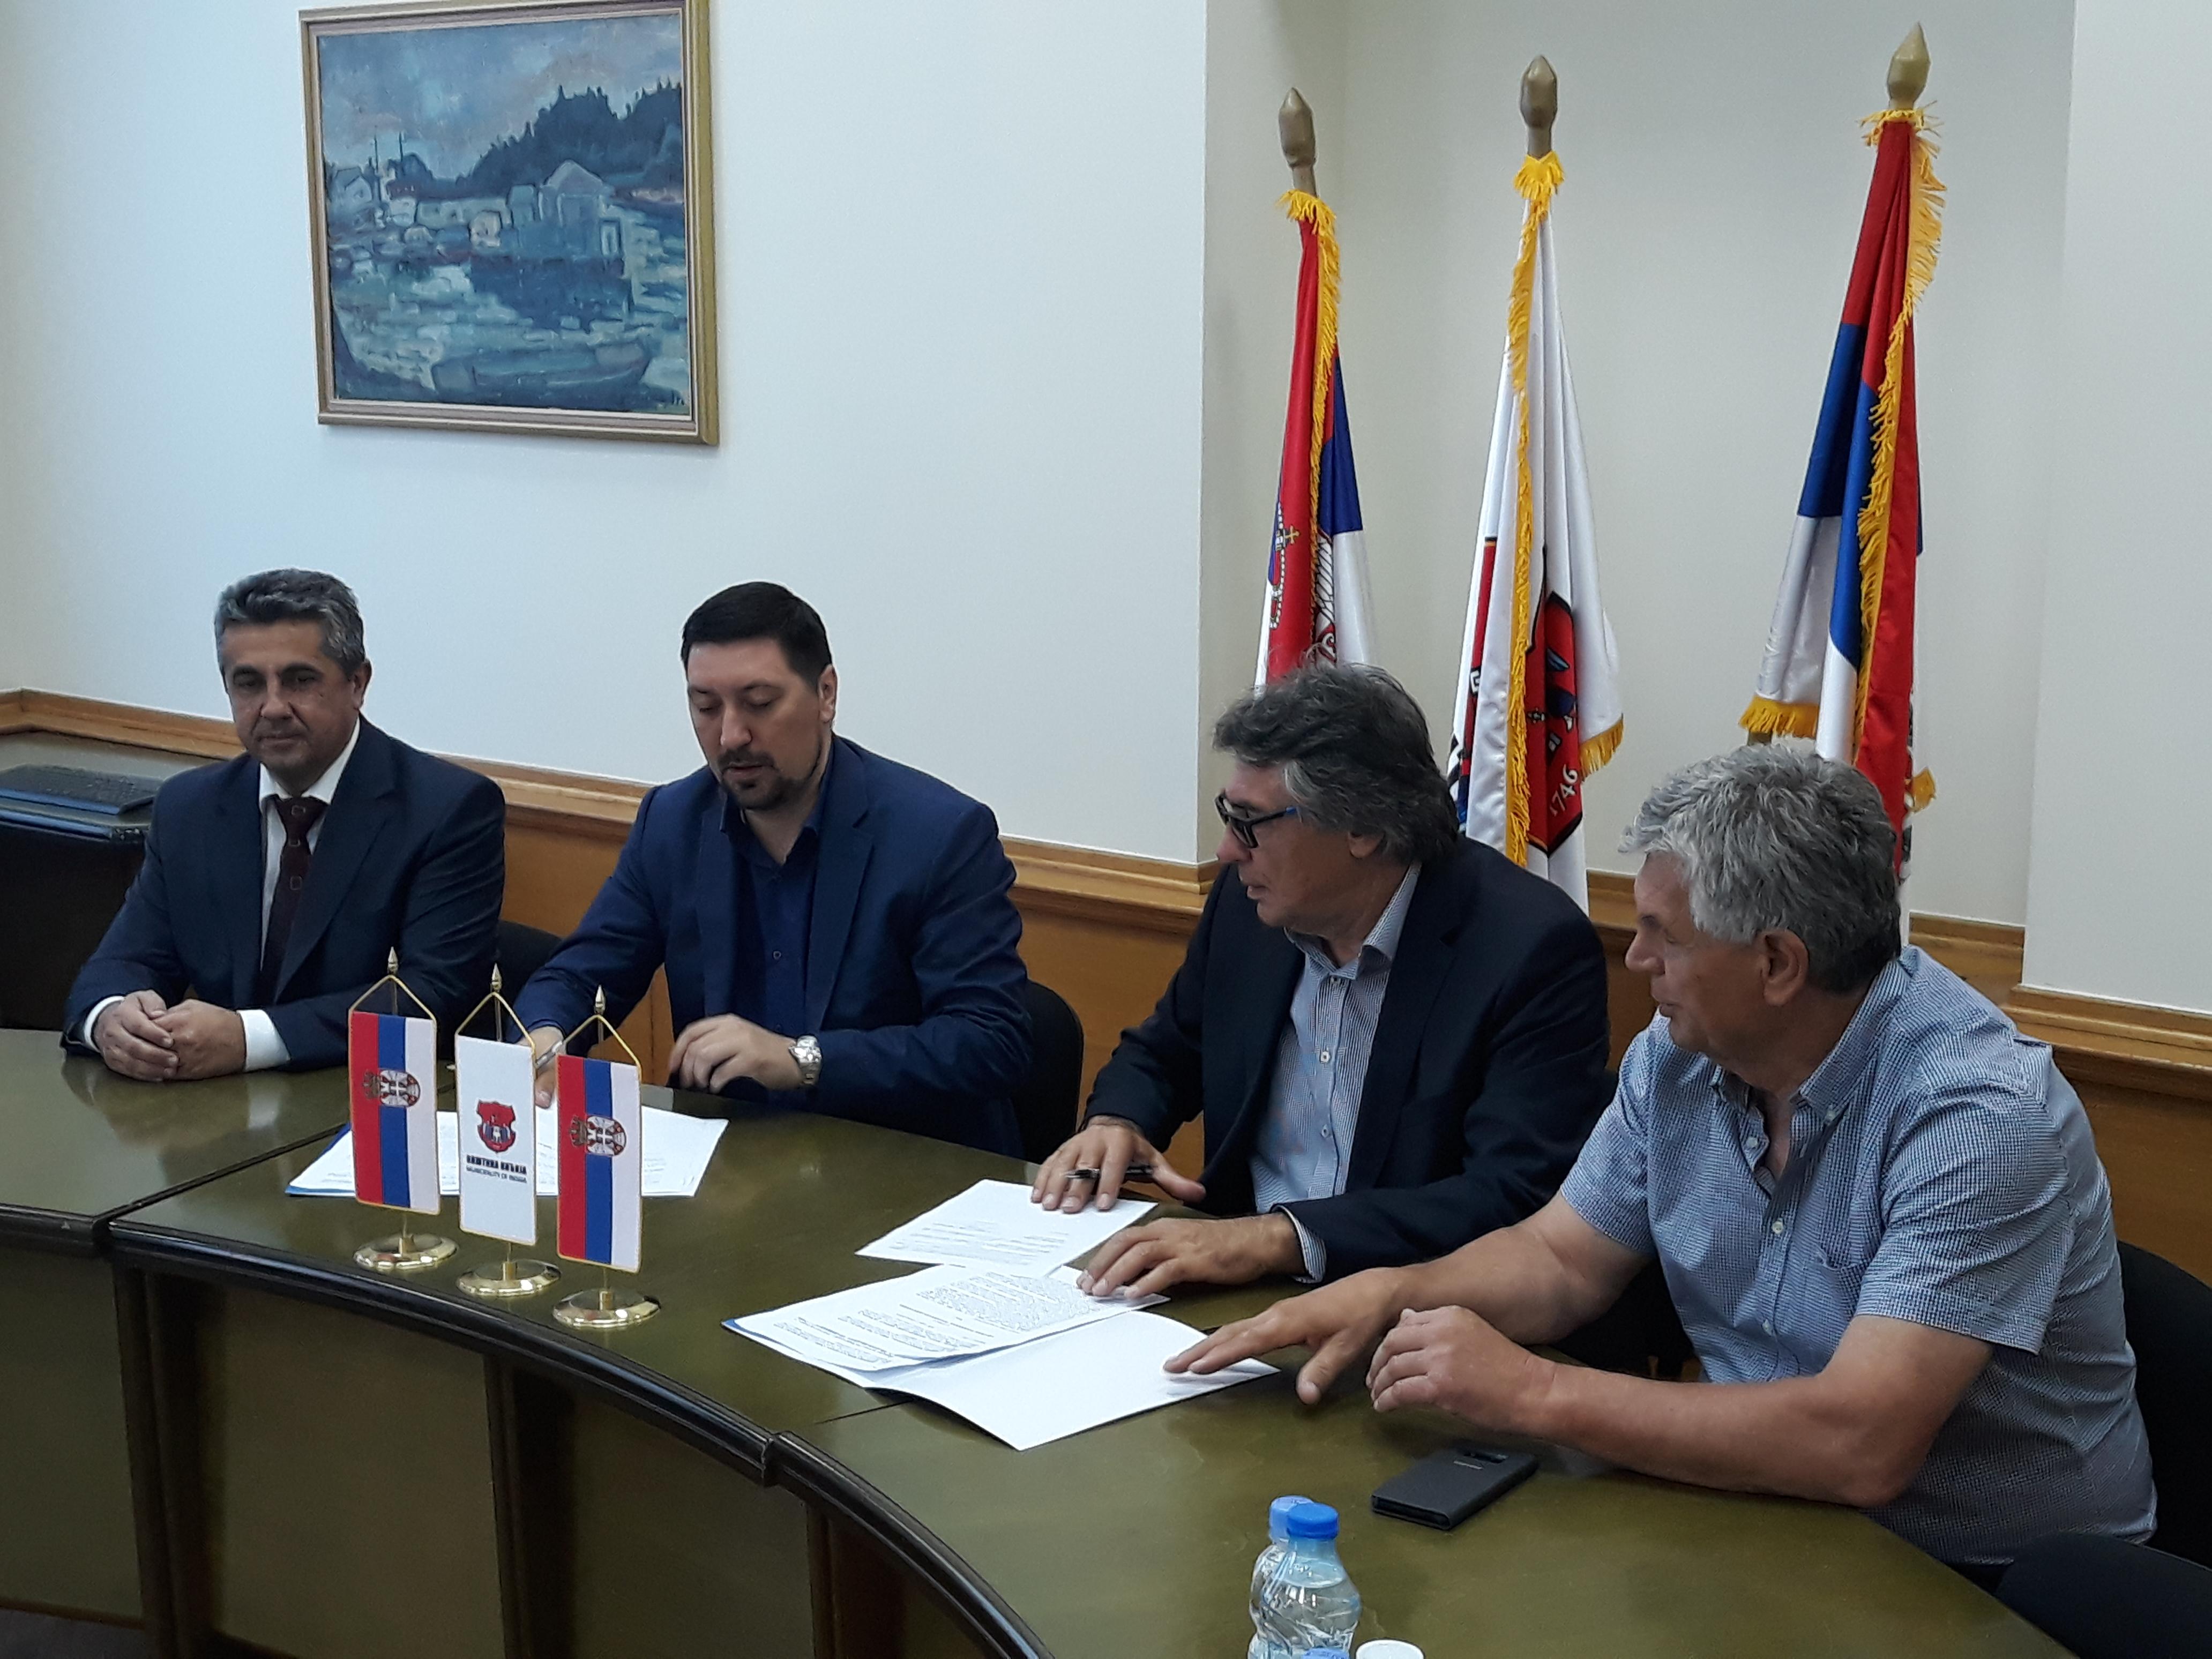 POTPISAN UGOVOR: Zlatibor gradnja kupila zemljište u Inđiji-70 radnih mesta